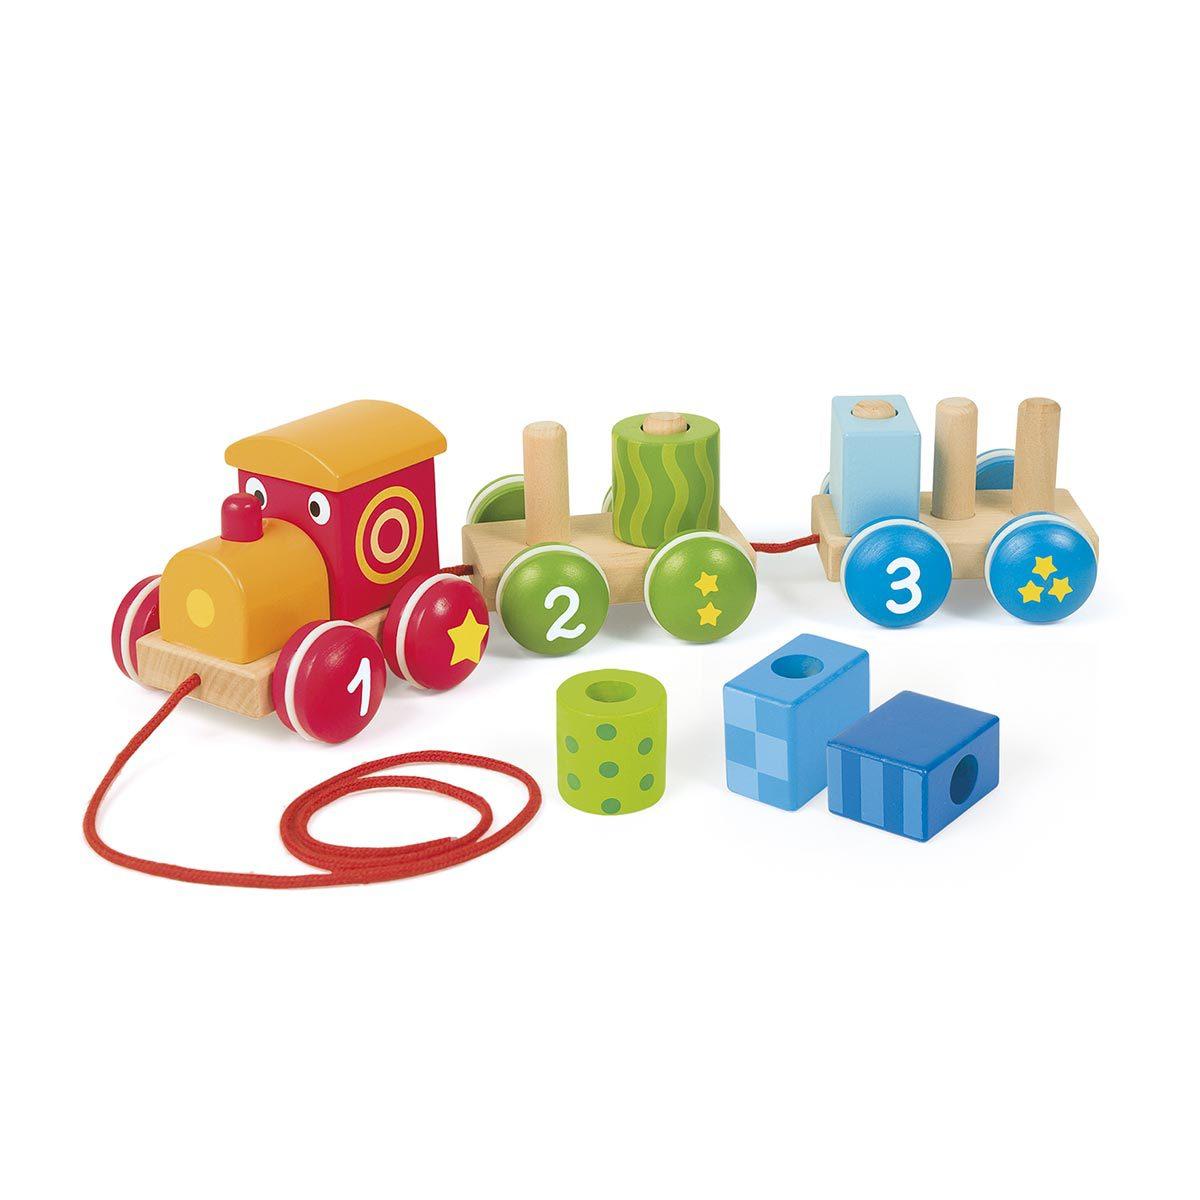 Mes premiers jouets Train 1,2,3 Train 1,2,3